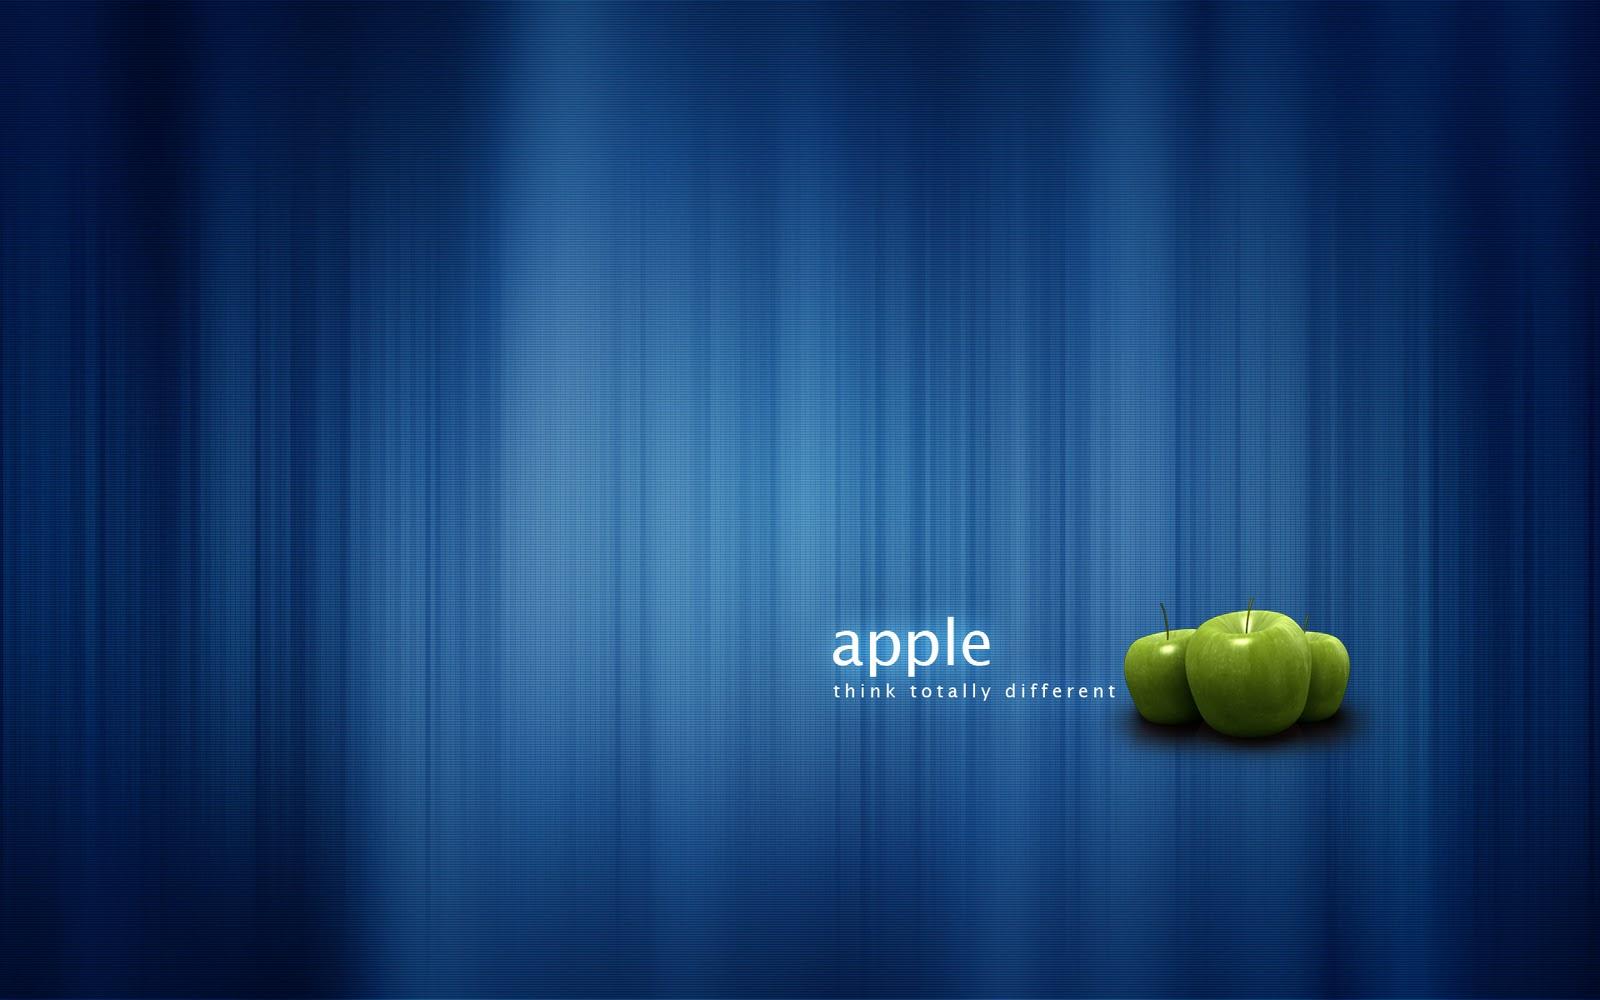 Best Desktop HD Wallpaper - Apple HD Wallpapers